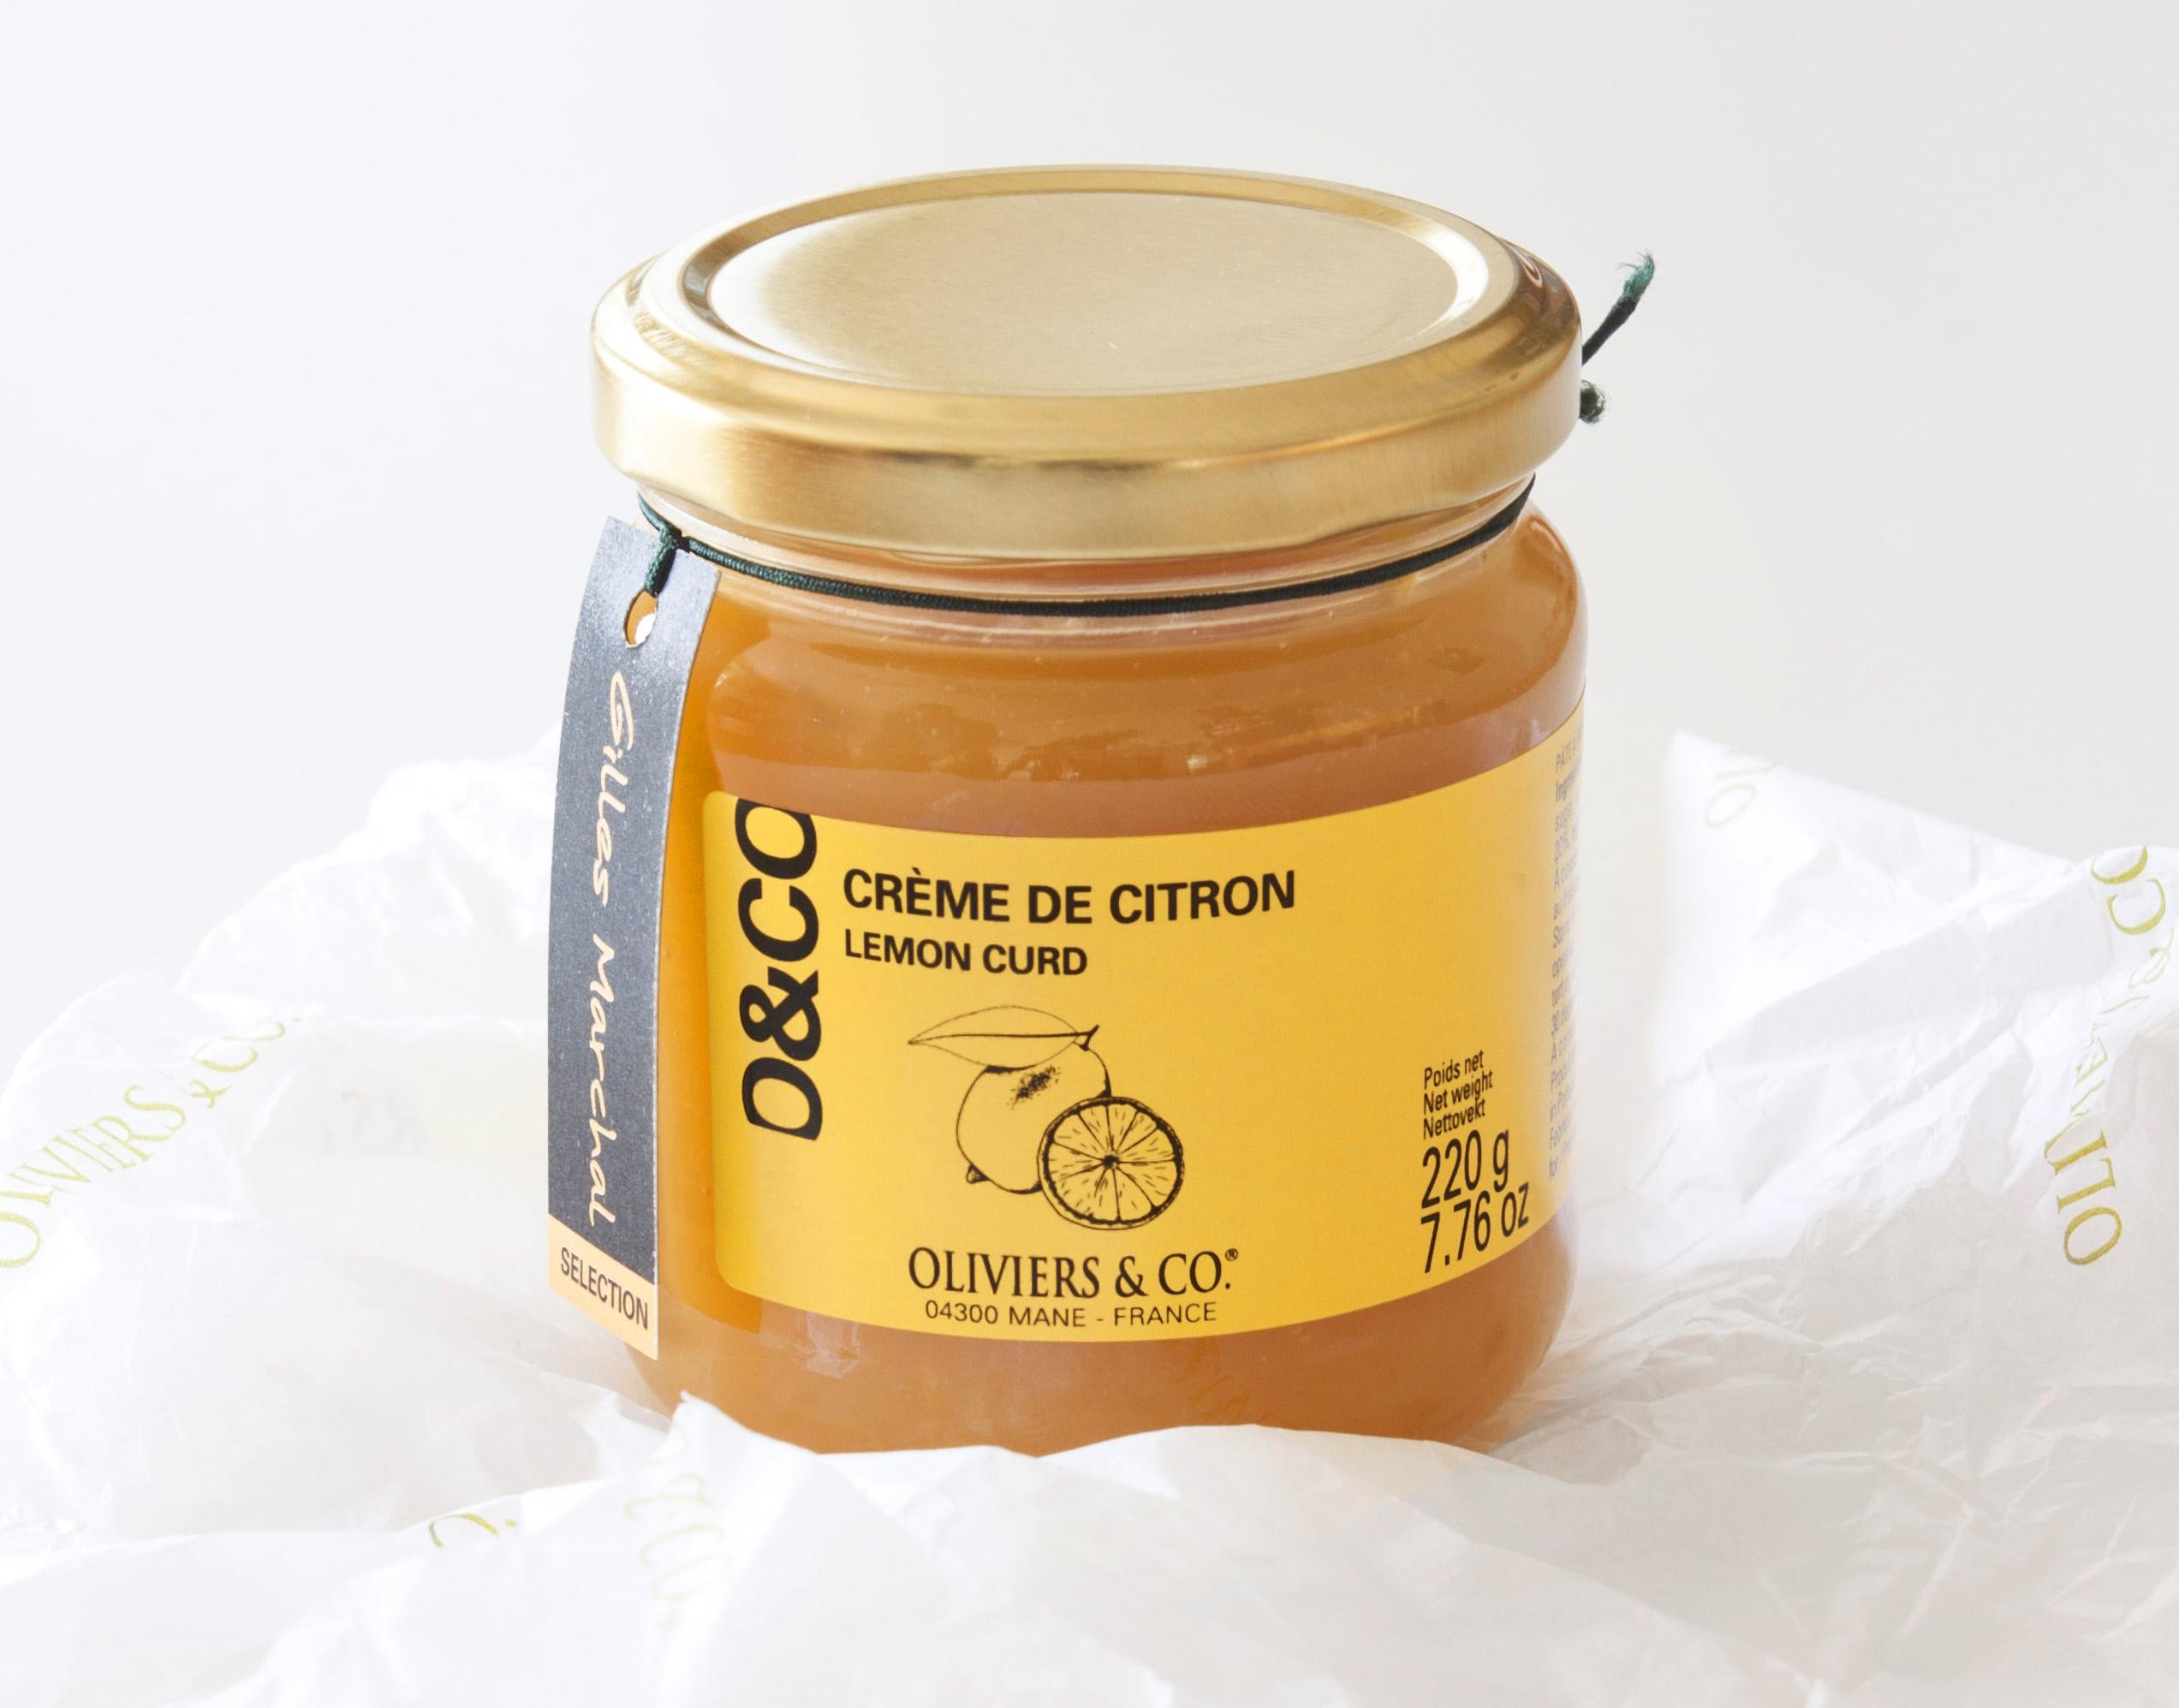 lemon-curd-gilles-marchal-creme-citron-agathe-duchesne-blog-bordeaux-recette-agatwe